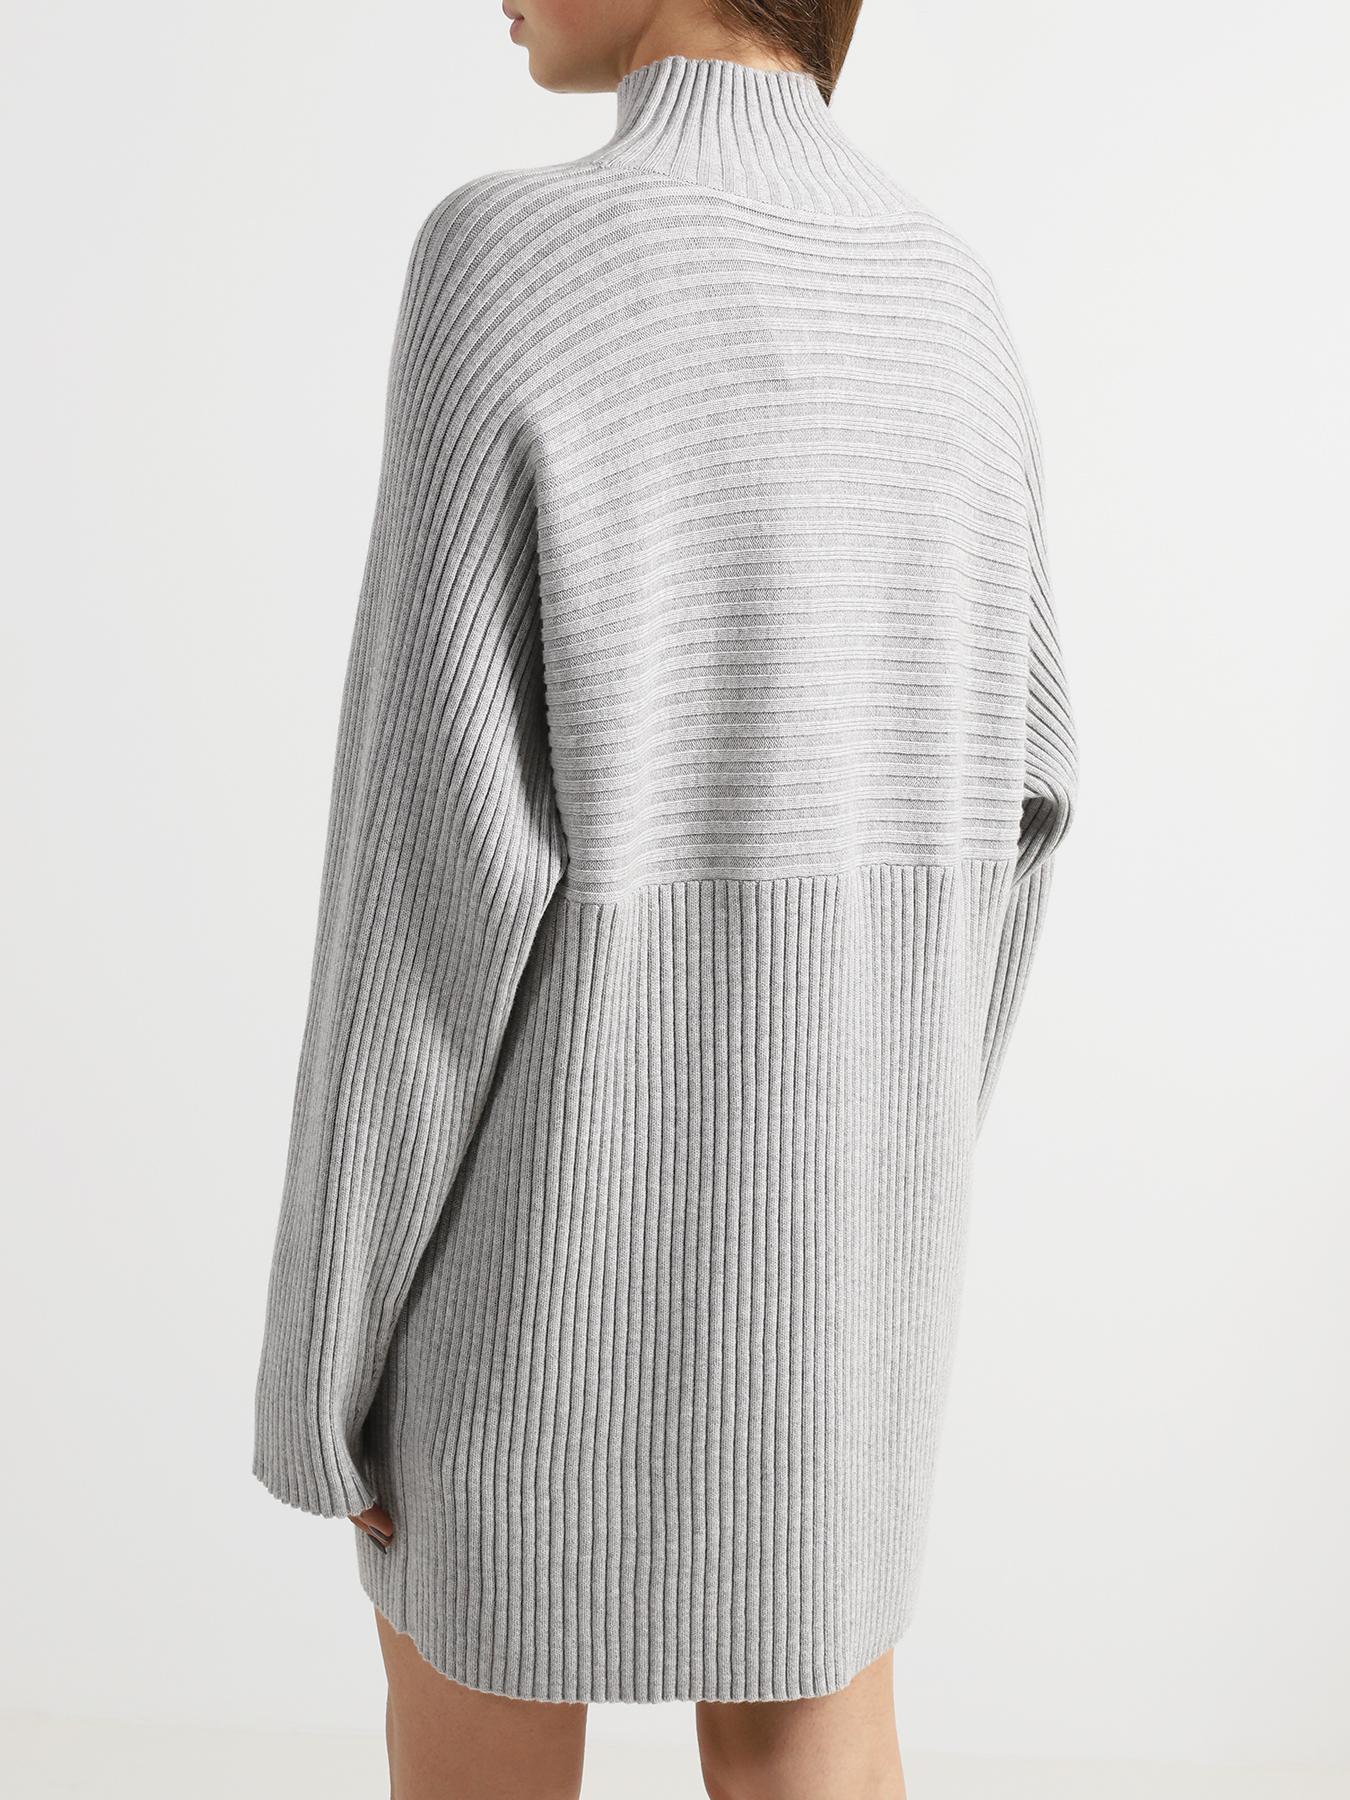 BOSS Длинный свитер Walleny 355877-044 Фото 2